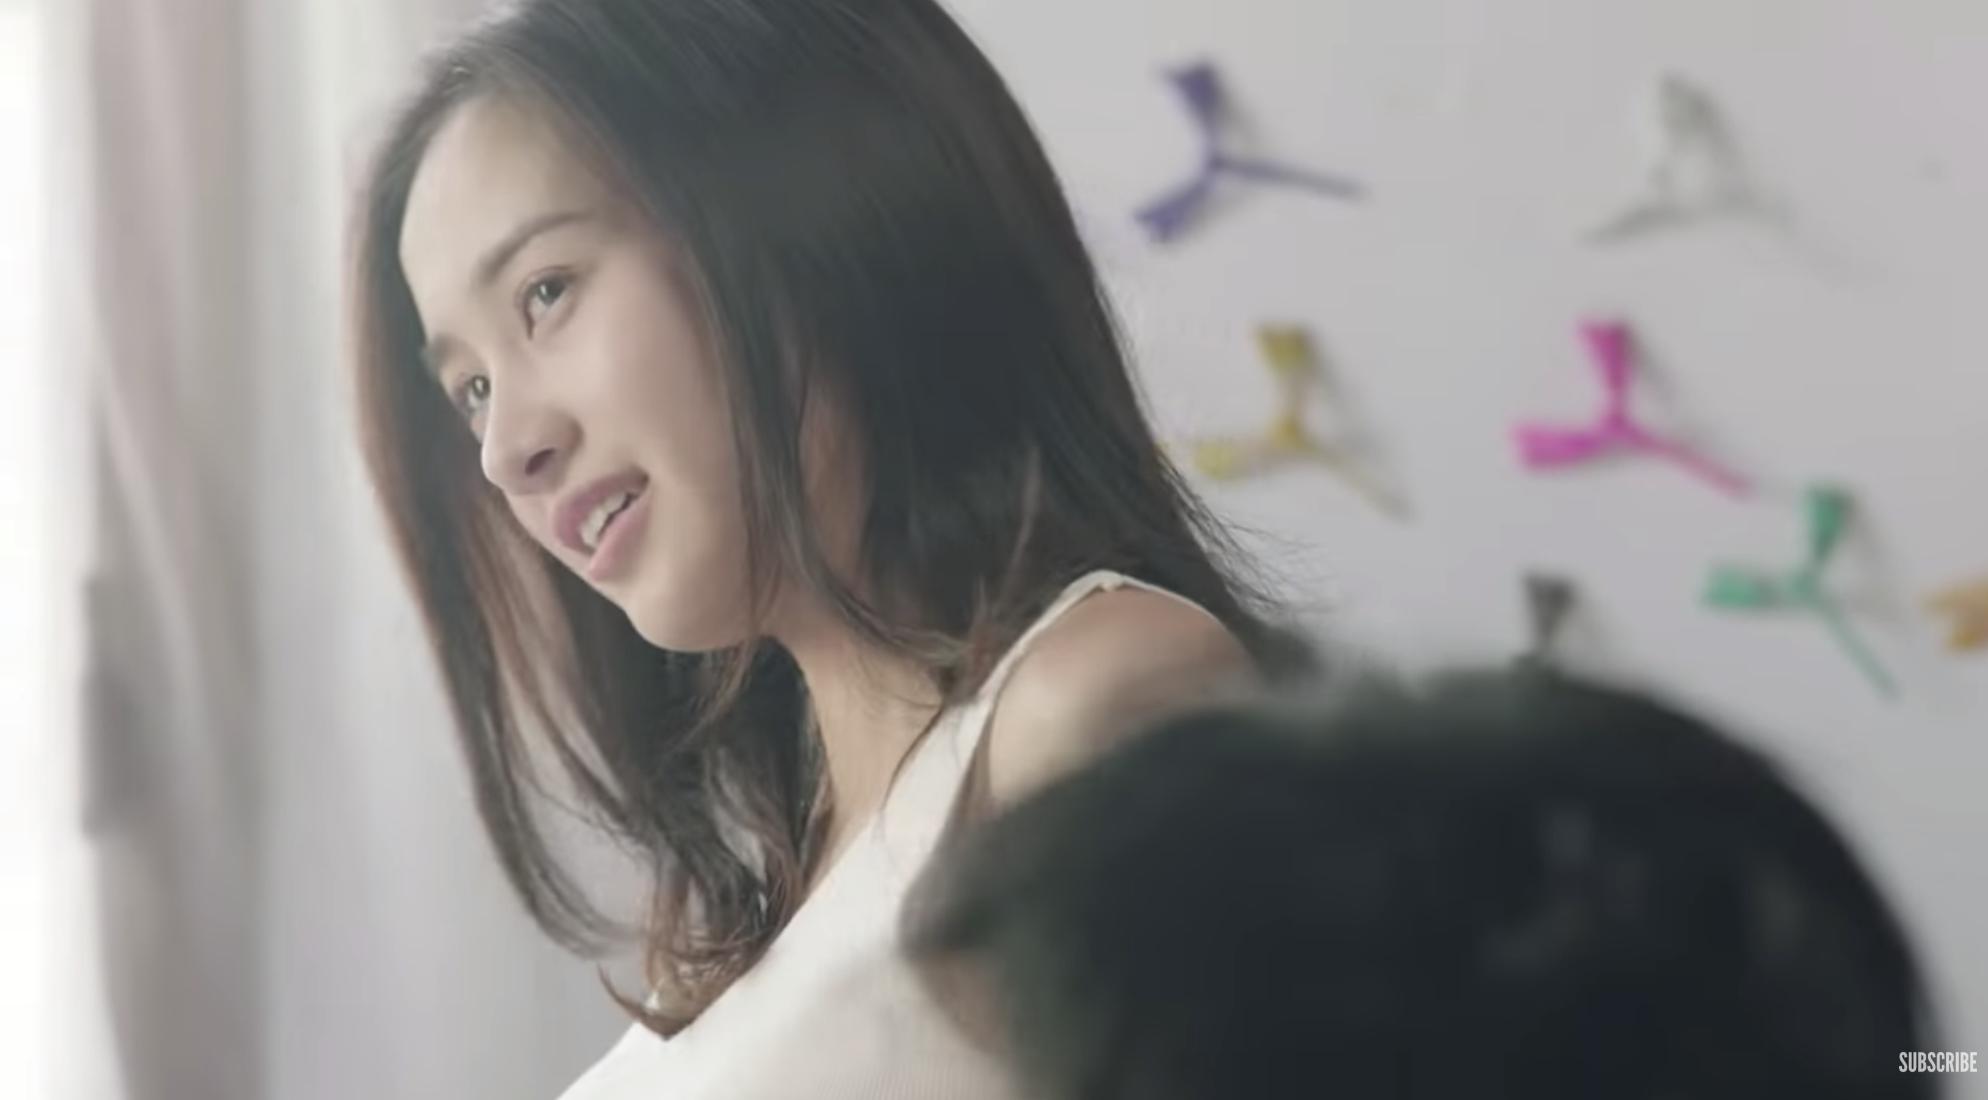 Jun Vũ bất ngờ xuất hiện liếc mắt đưa tình với HLV gốc Việt của The Face trong trailer phim Thái - Ảnh 1.